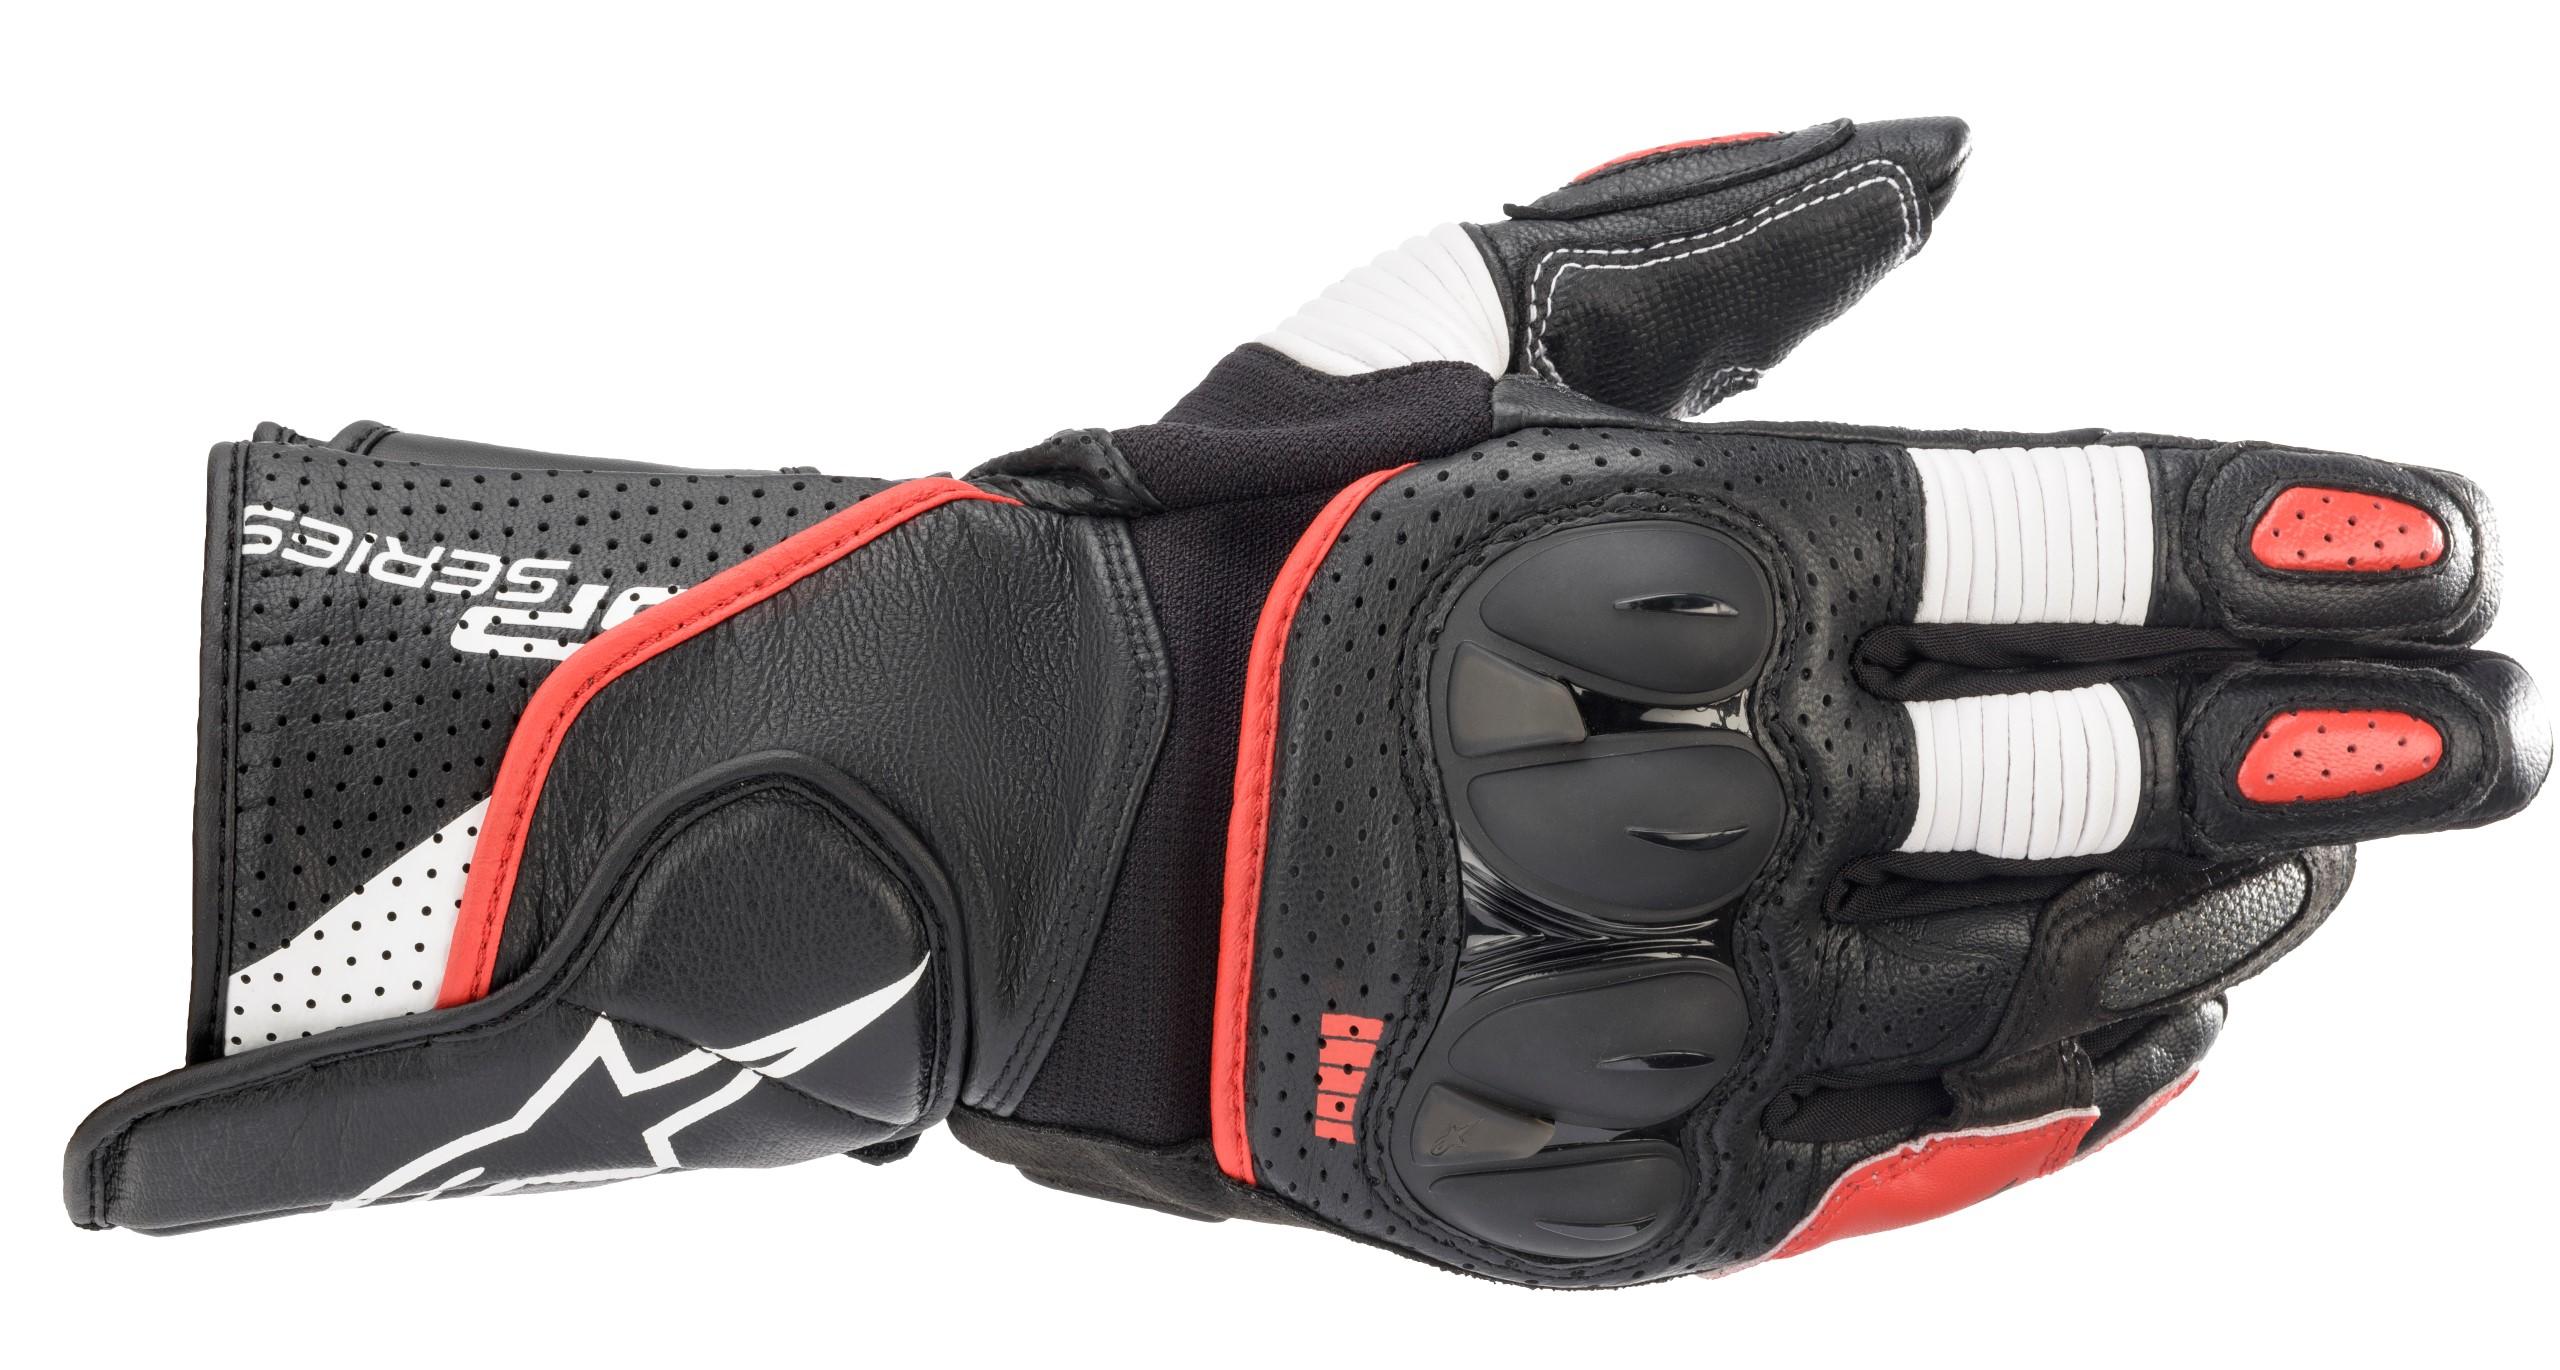 3558221-1304-fr_sp-2-v3-glove